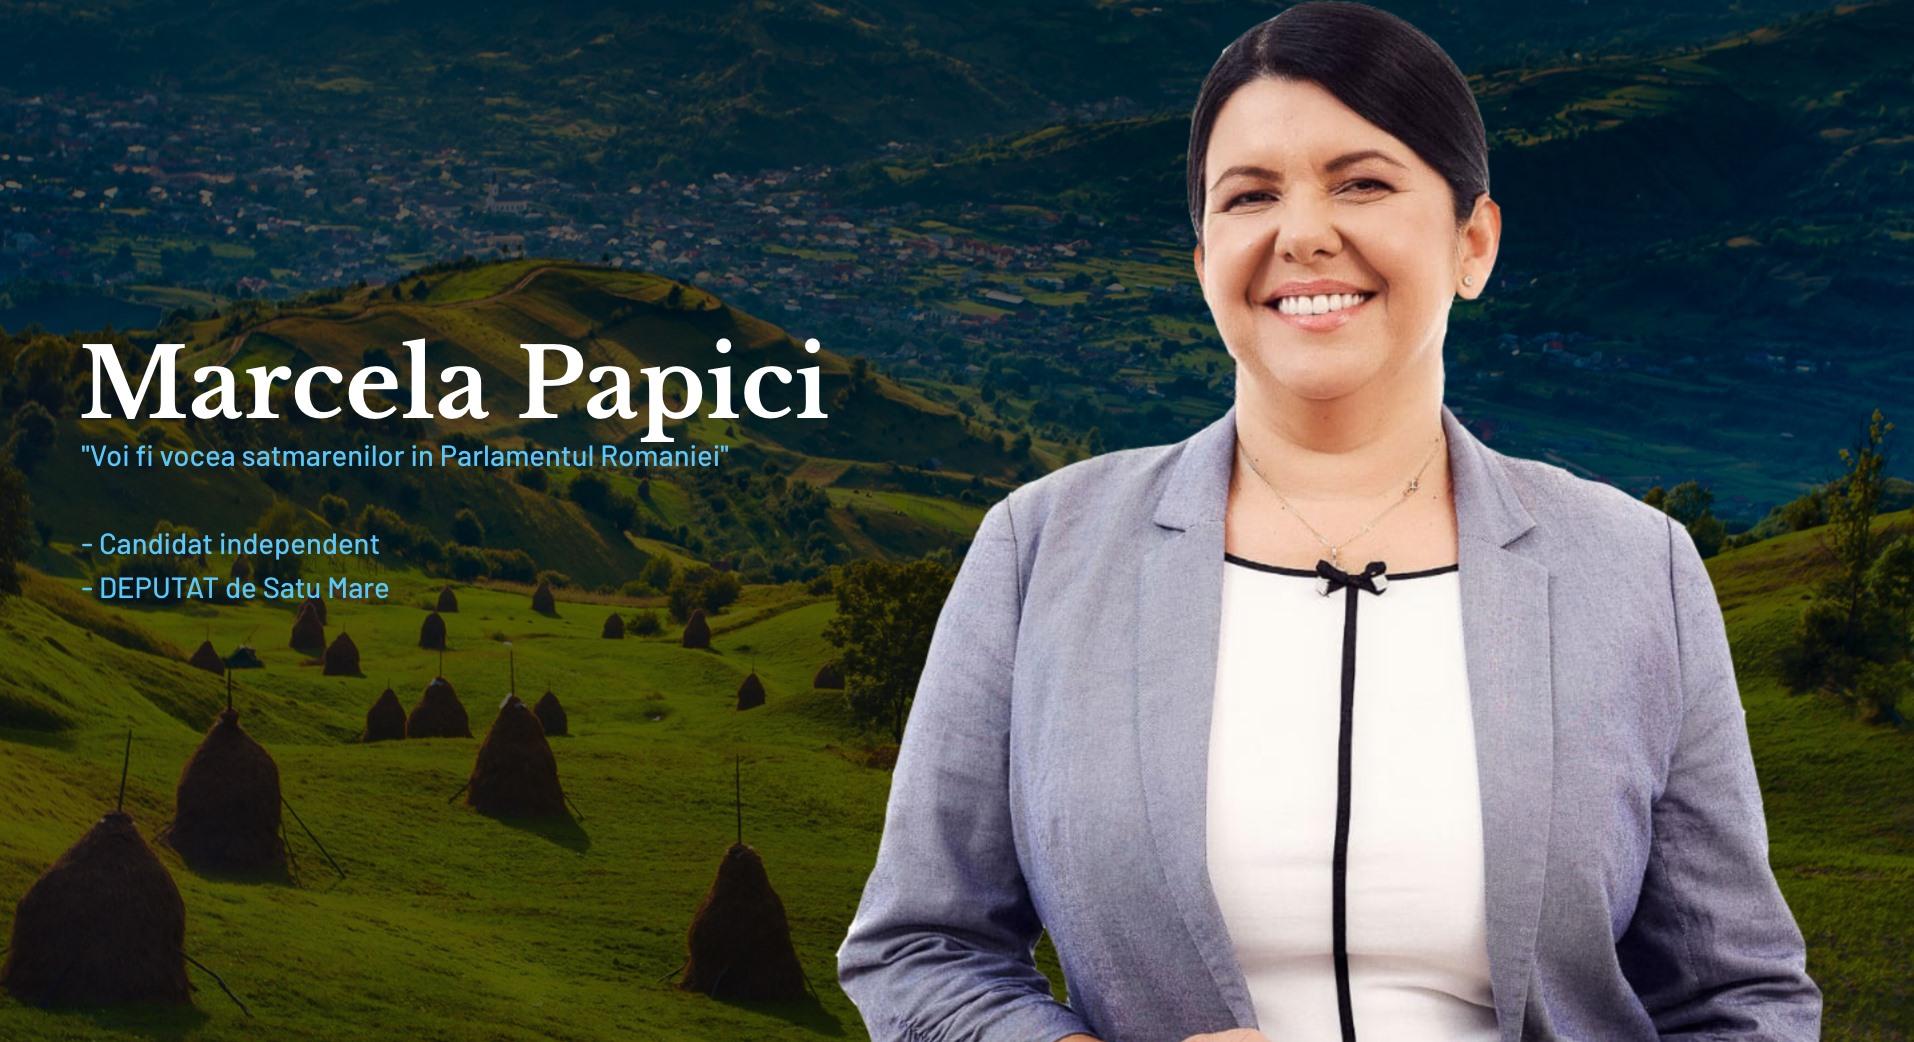 Marcela Papici își dorește să deschidă 5 cabinete parlamentare care să ajute producătorii cu promovarea și consilierea